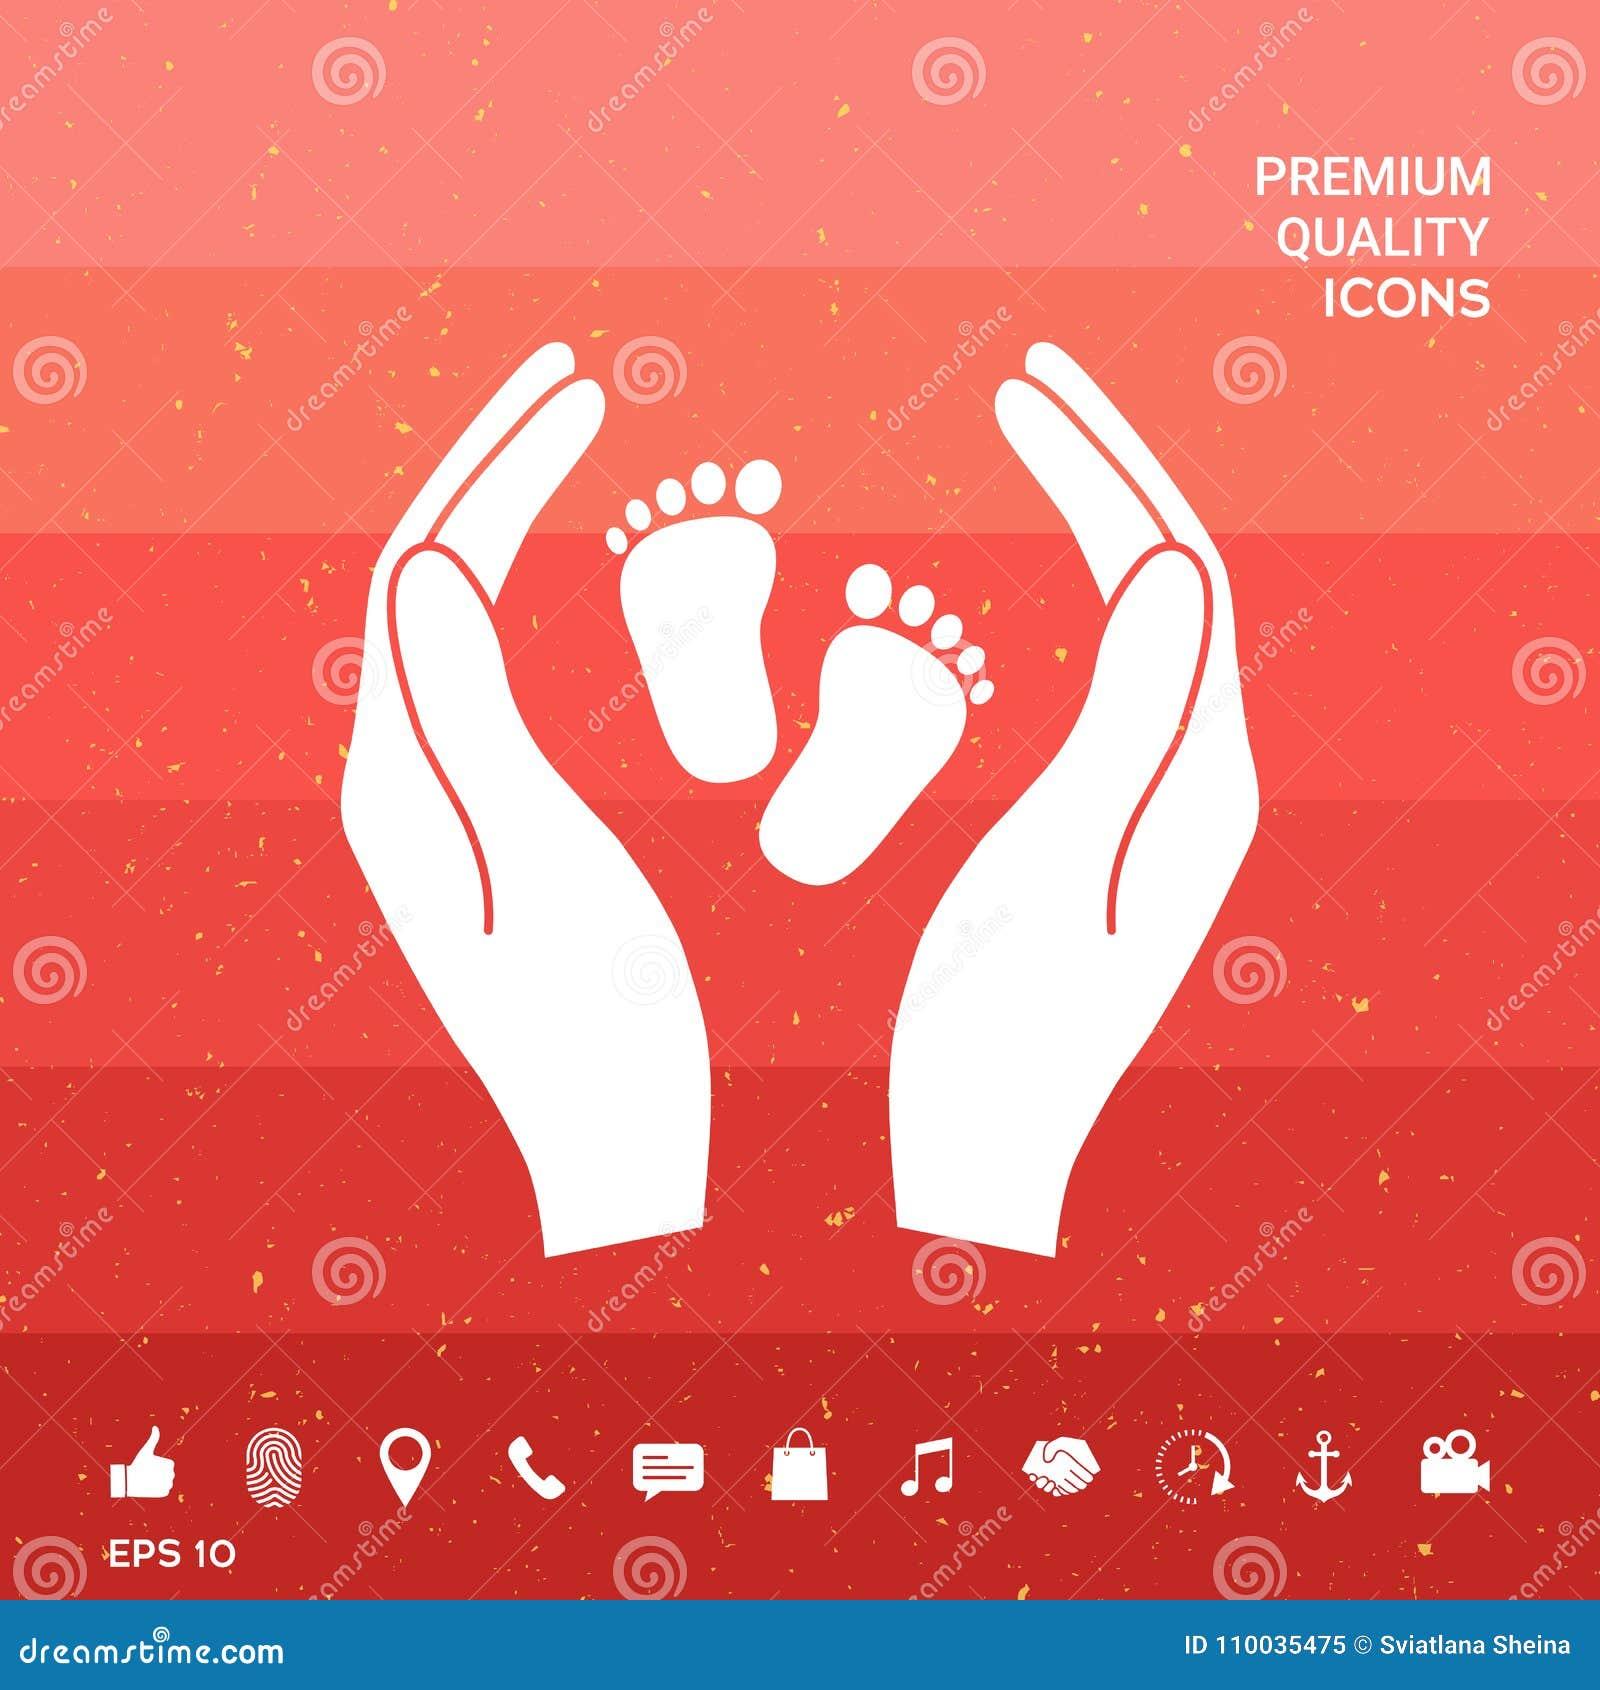 Handen die babyvoet houden - beschermingssymbool